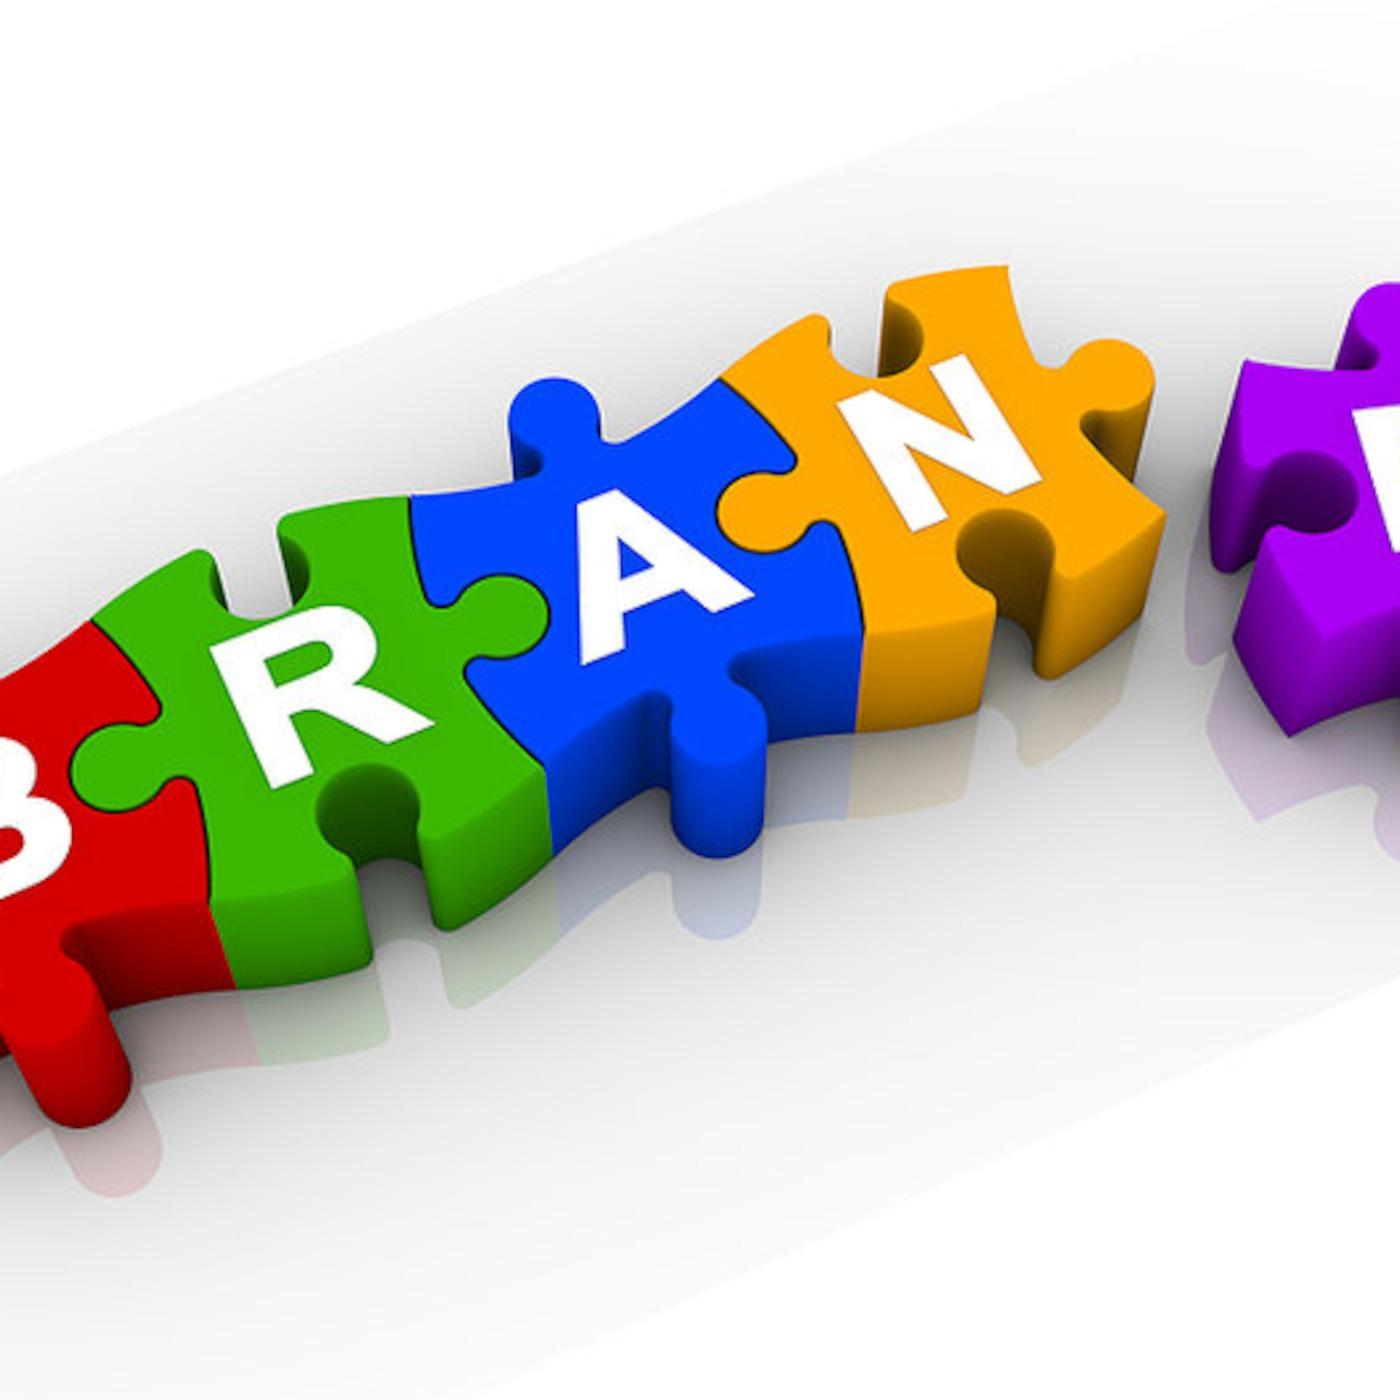 Как сделать бренд узнаваемым и продаваемым